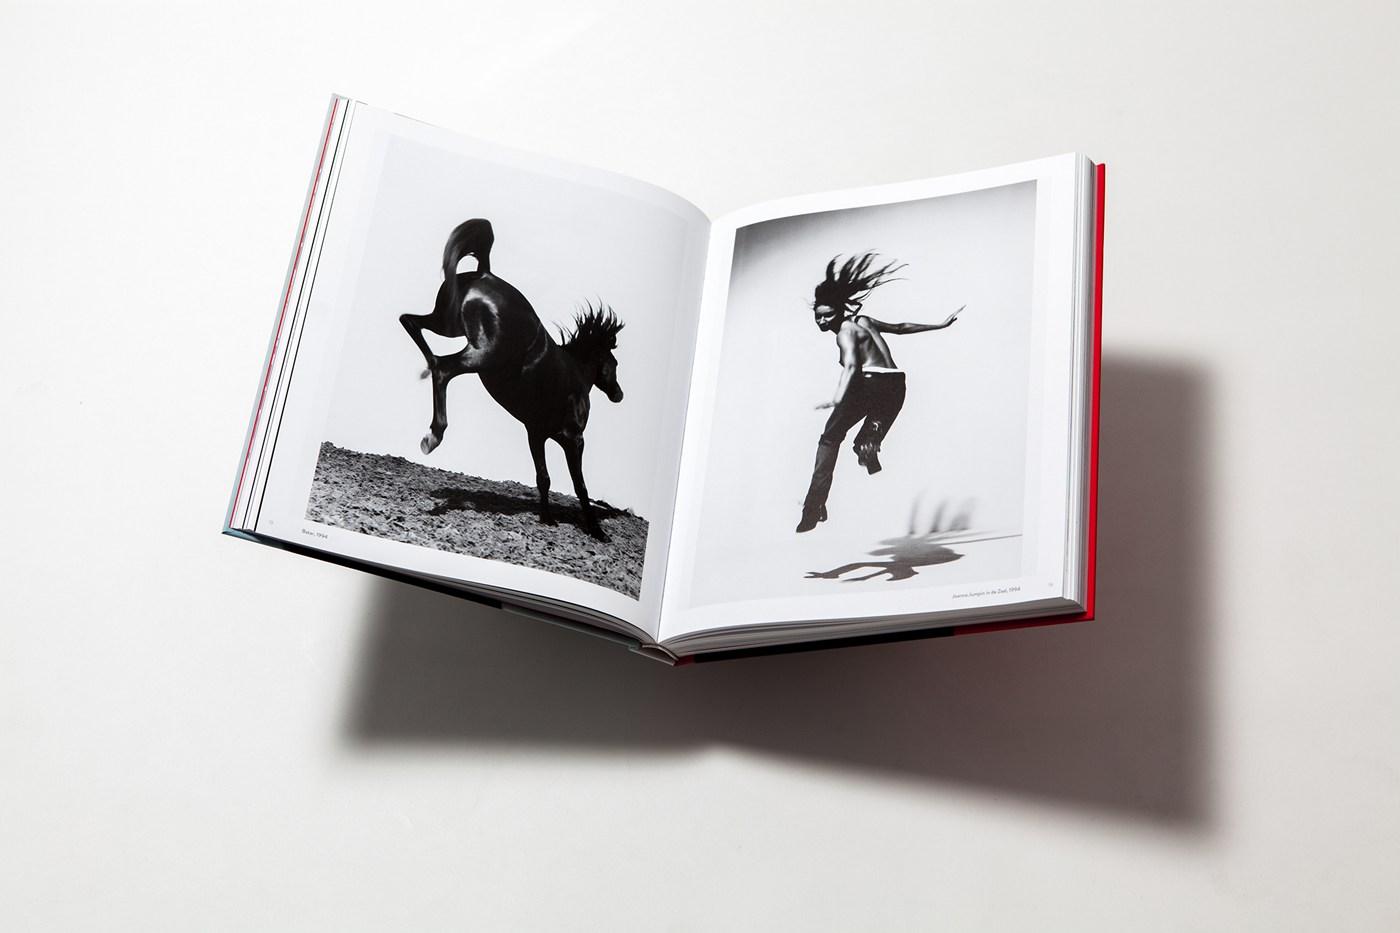 MENDO_books_carli_hermes_002.jpg